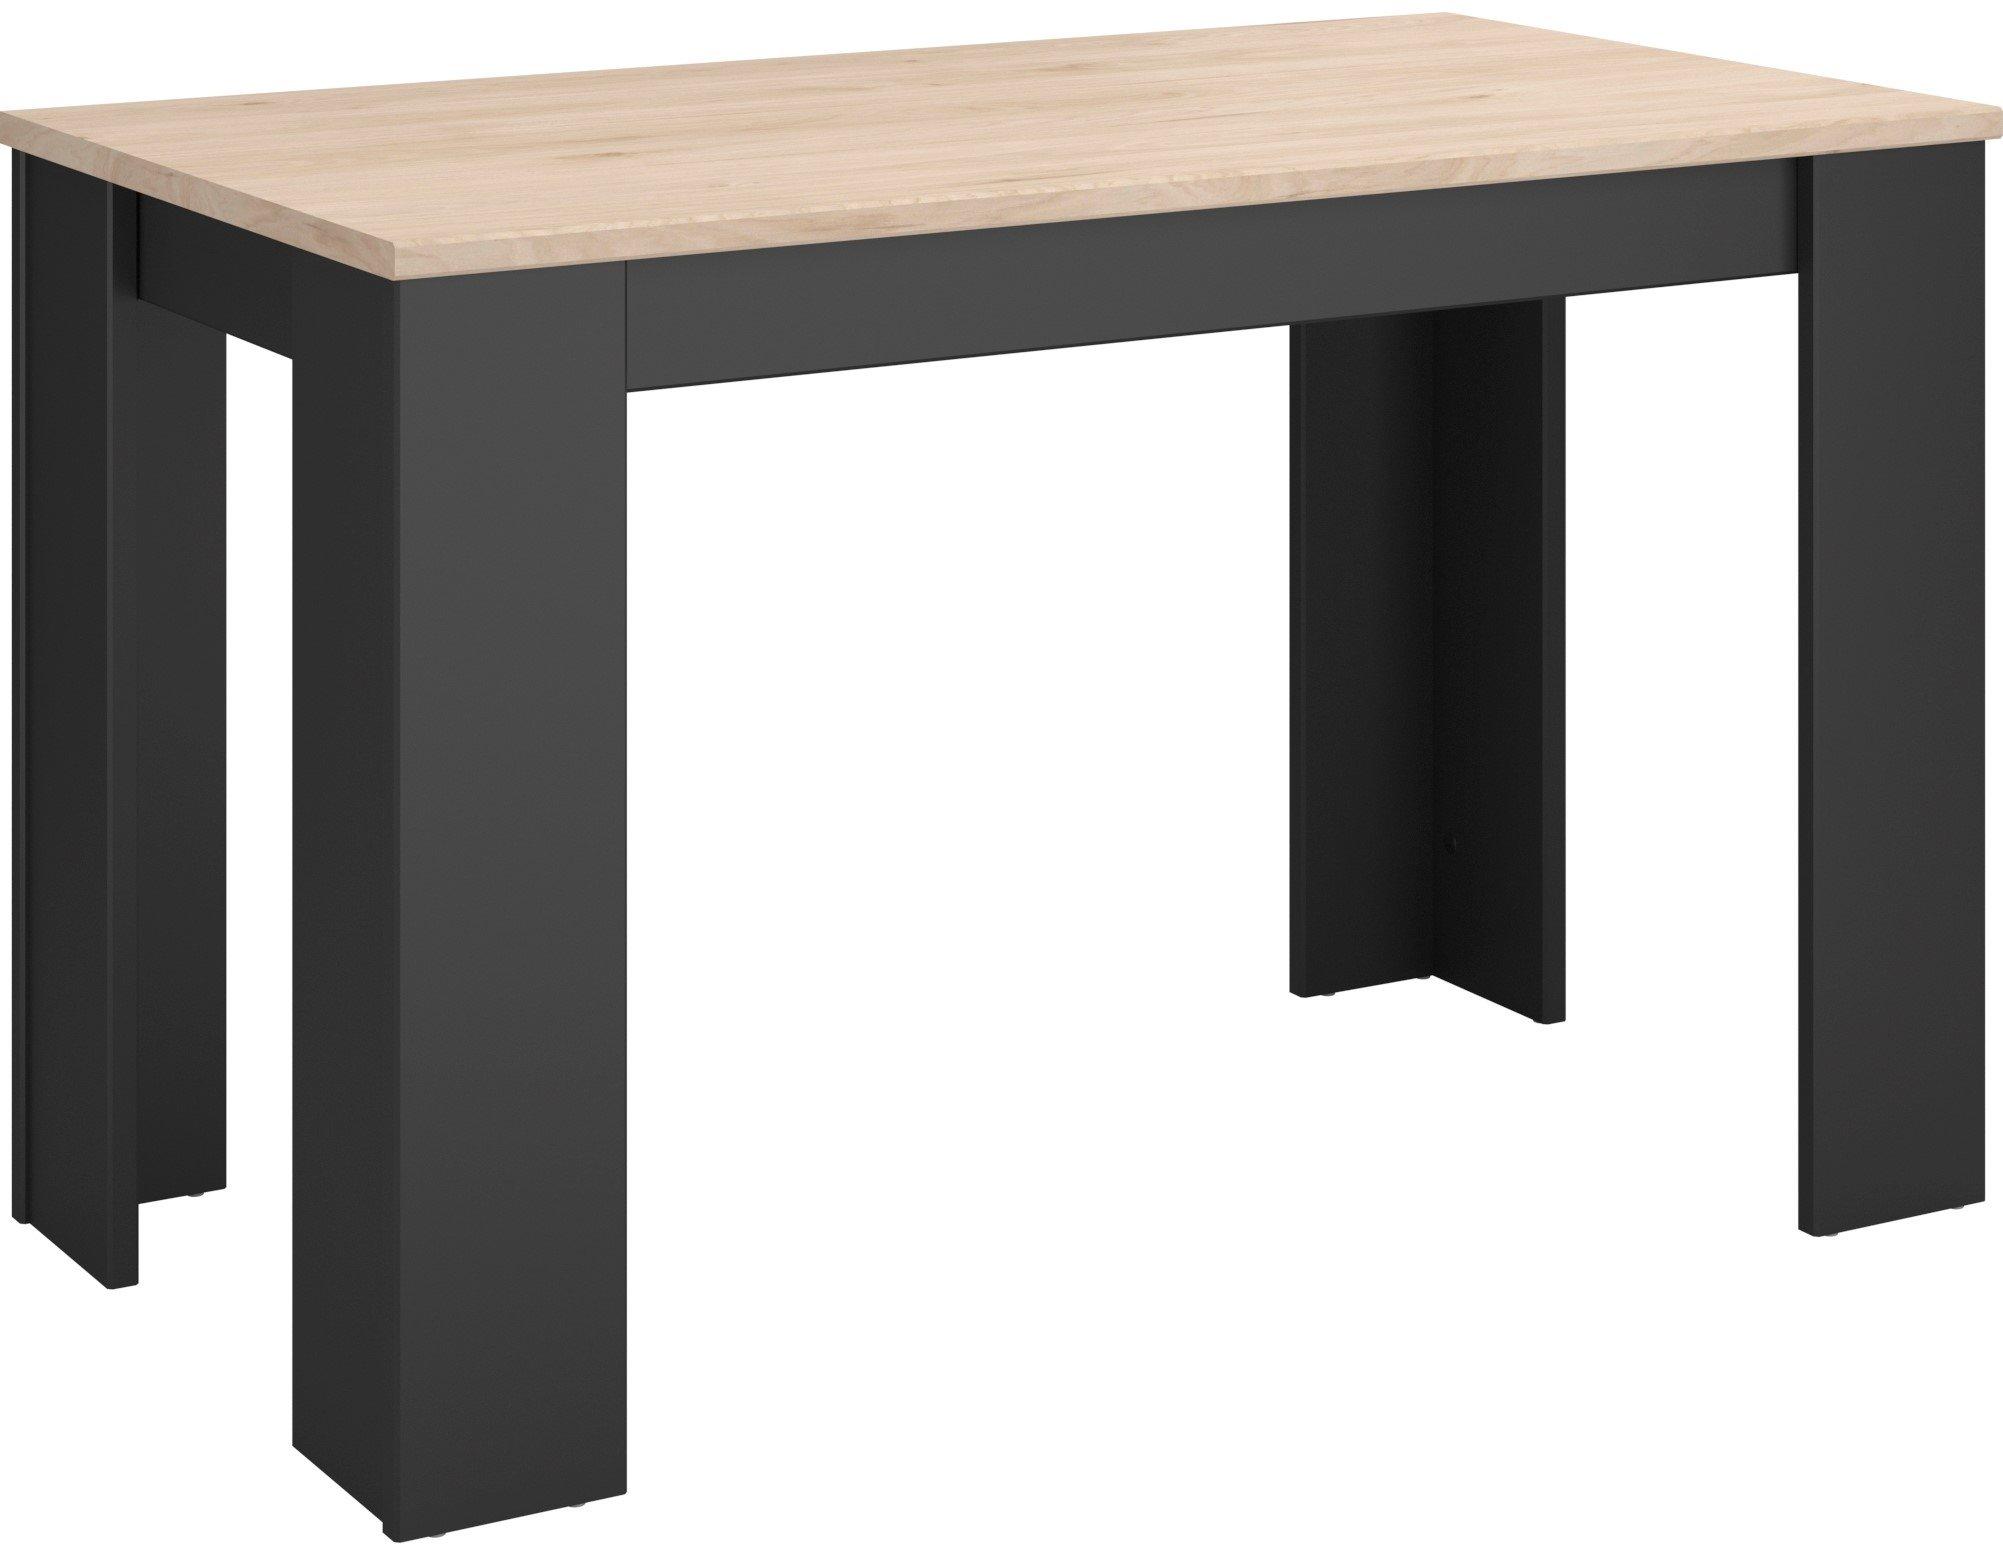 Τραπέζι Alfred (Μήκος: 120 Βάθος: 67 Ύψος: 76)